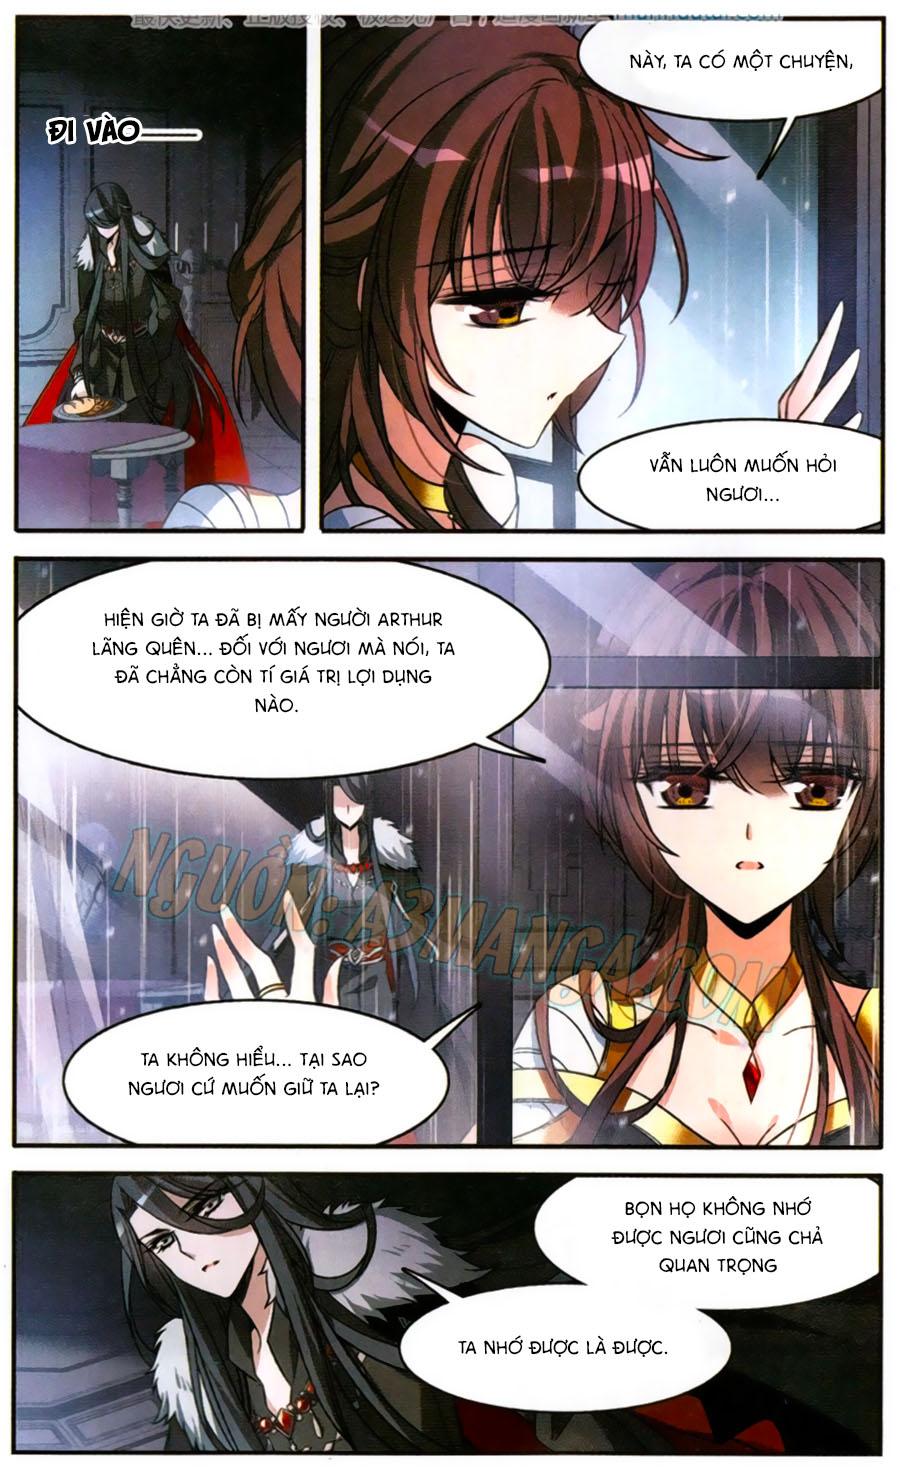 Kỵ Sĩ Hoang Tưởng Dạ chap 150 page 19 - IZTruyenTranh.com